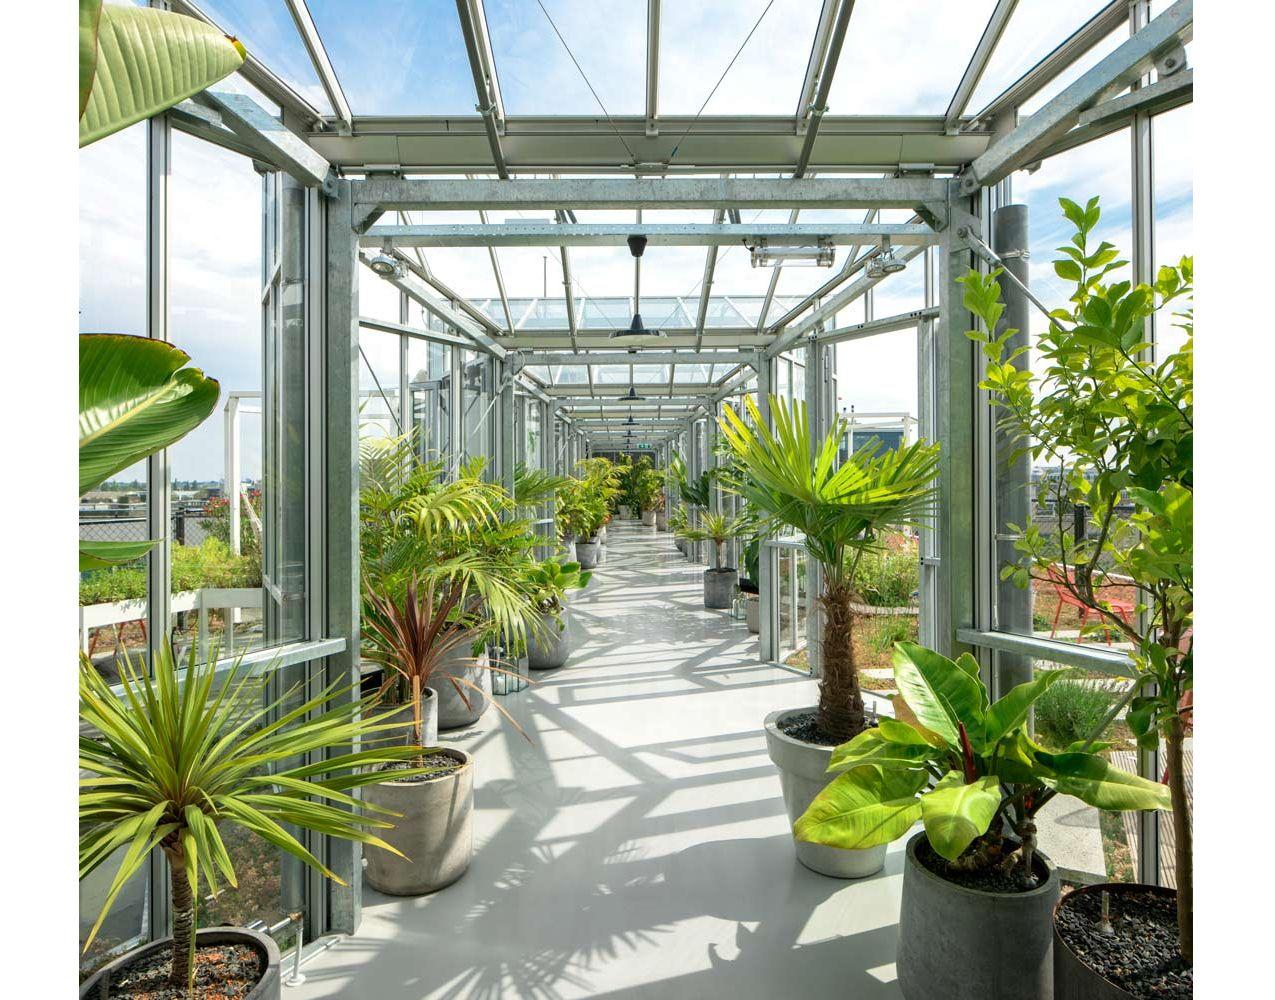 Zoku (Metropoolgebouw - Metro Pool Building) Roof Garden ...